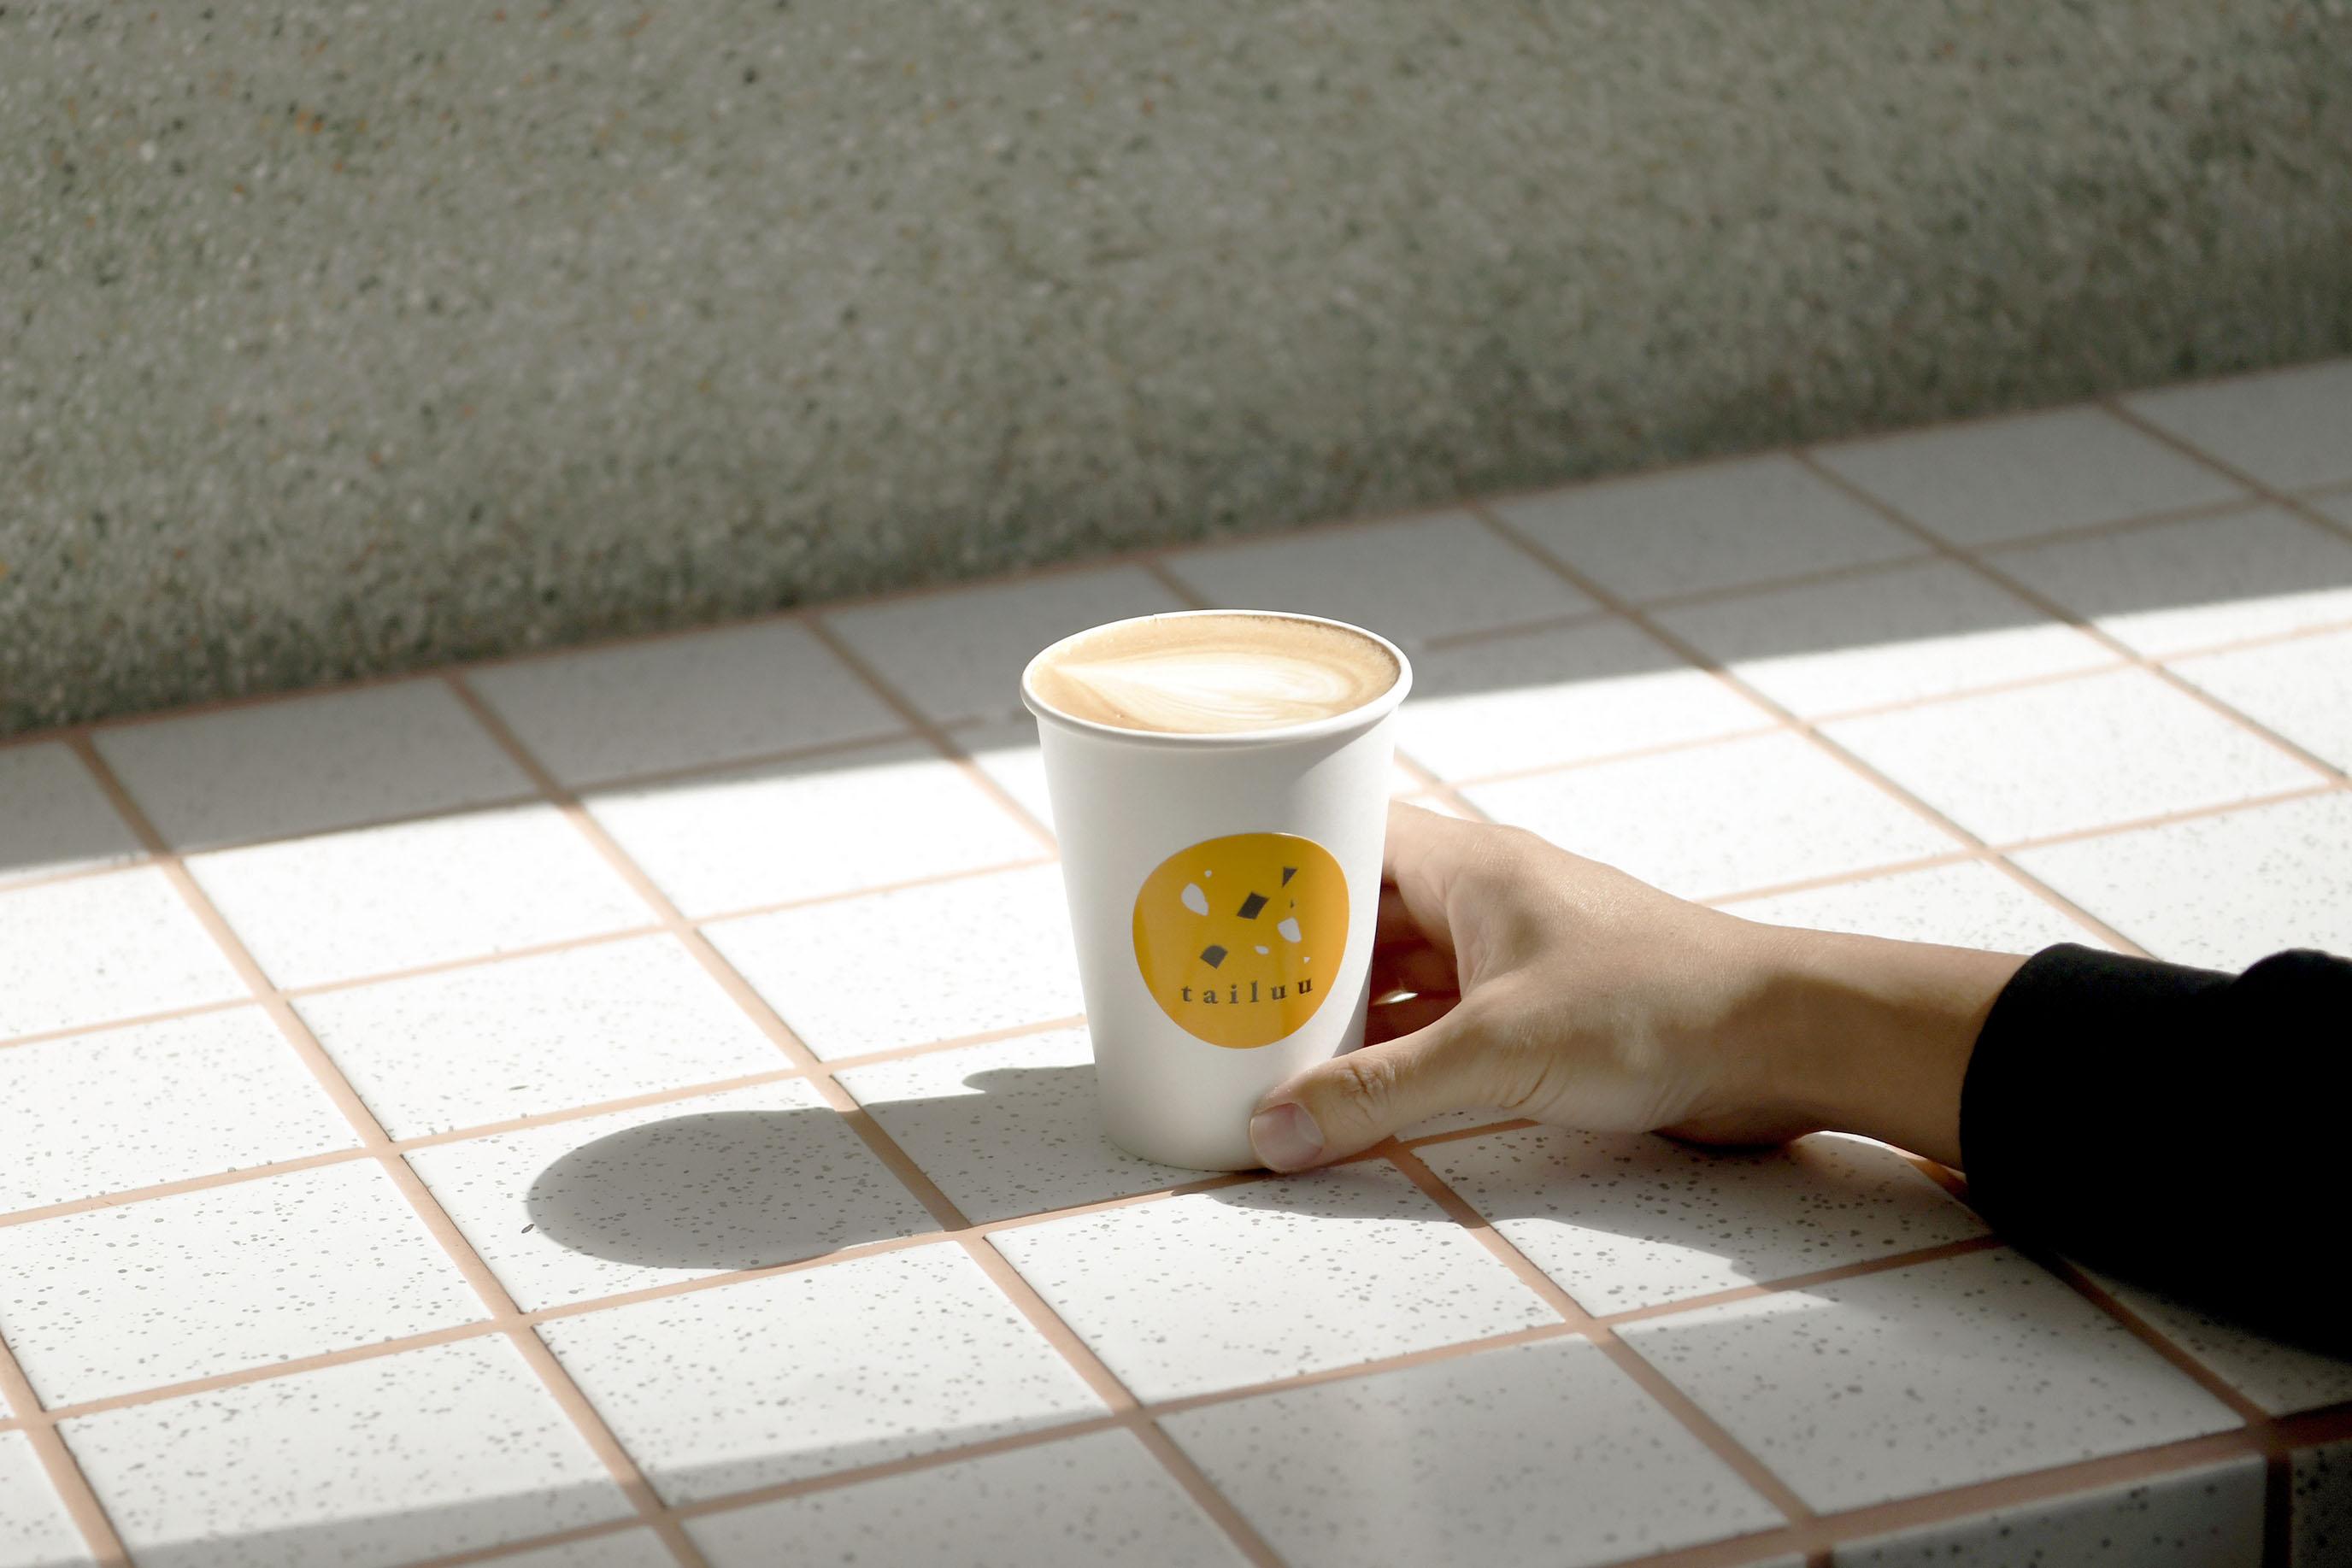 在西區舊樓裡,拼湊出自在的色調|Cafe tailuu 西門町咖啡